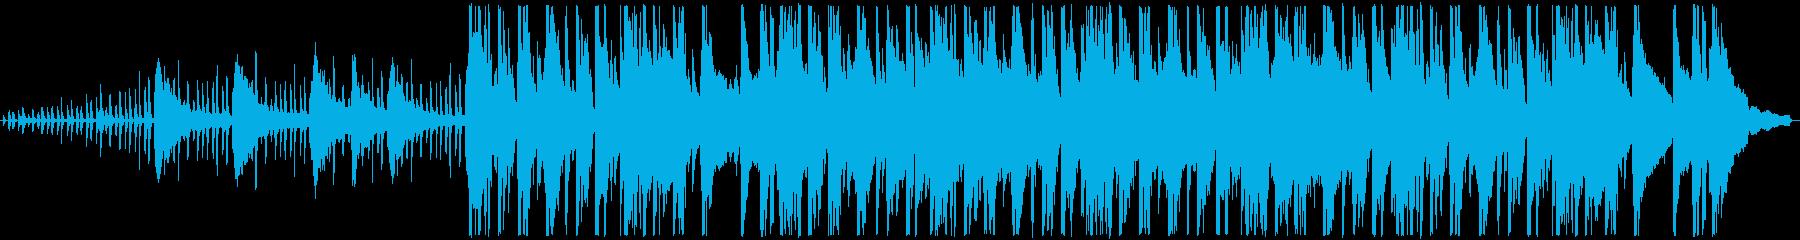 ラウンジ まったり レトロ ポジテ...の再生済みの波形